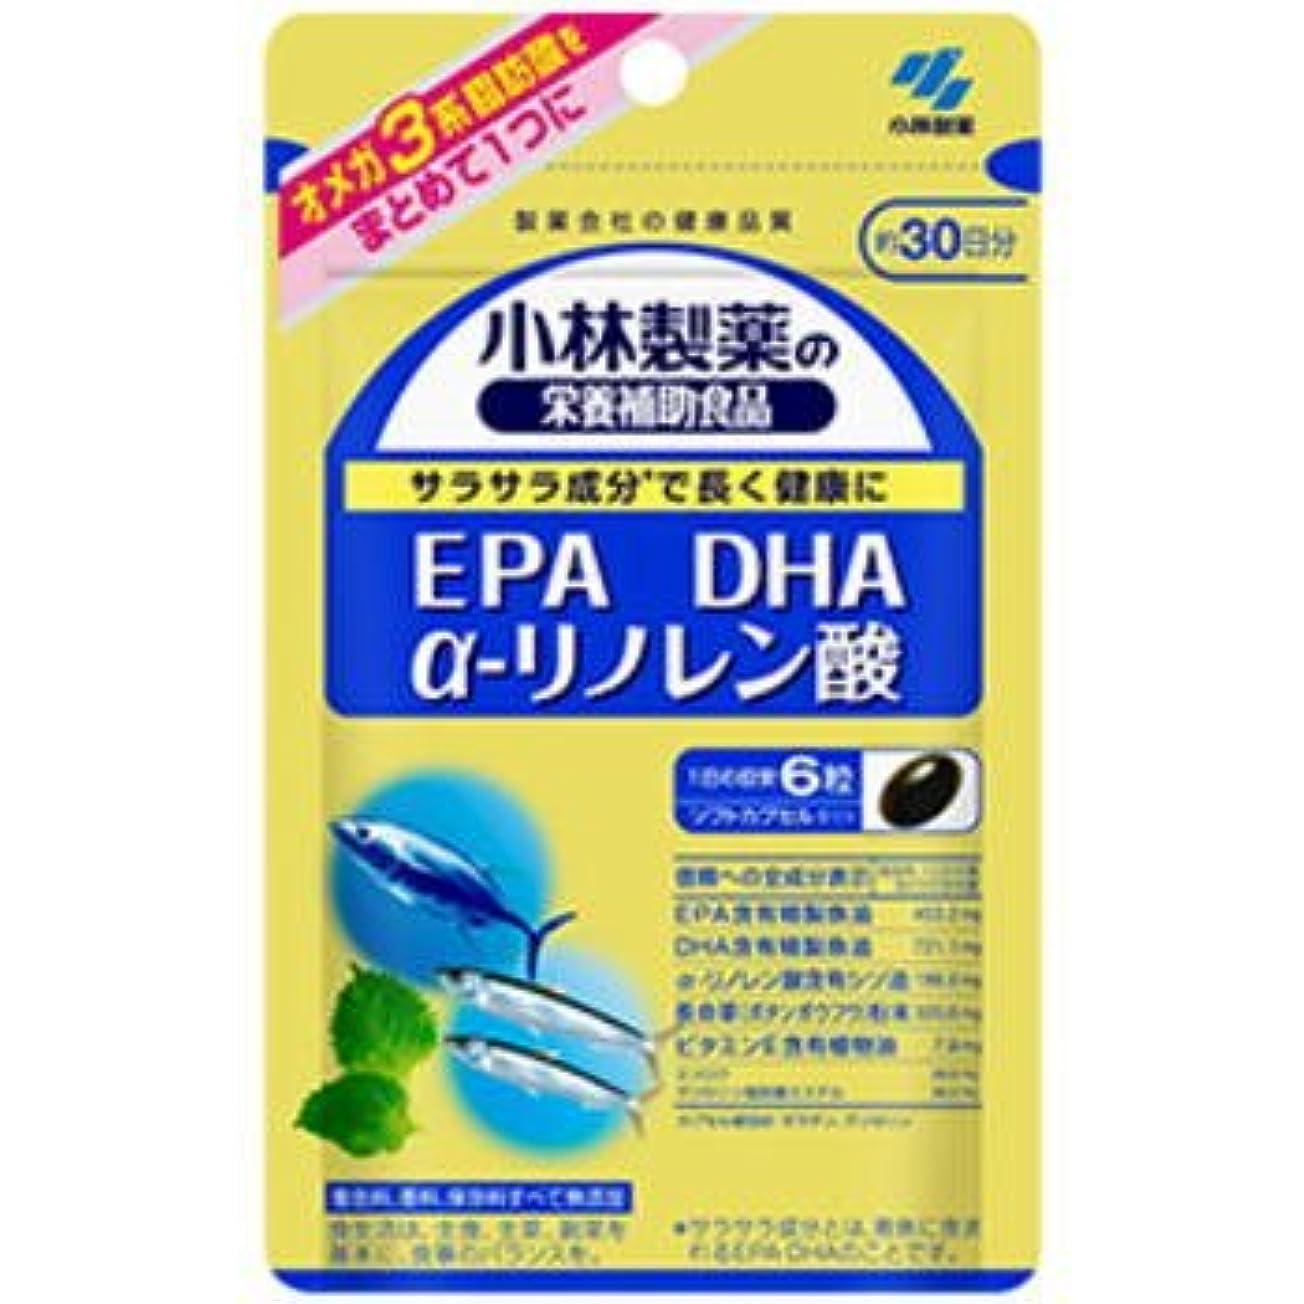 安いです詩人ニュース小林製薬 EPA DHA α-リノレン酸 180粒×3個セット【ネコポス発送】